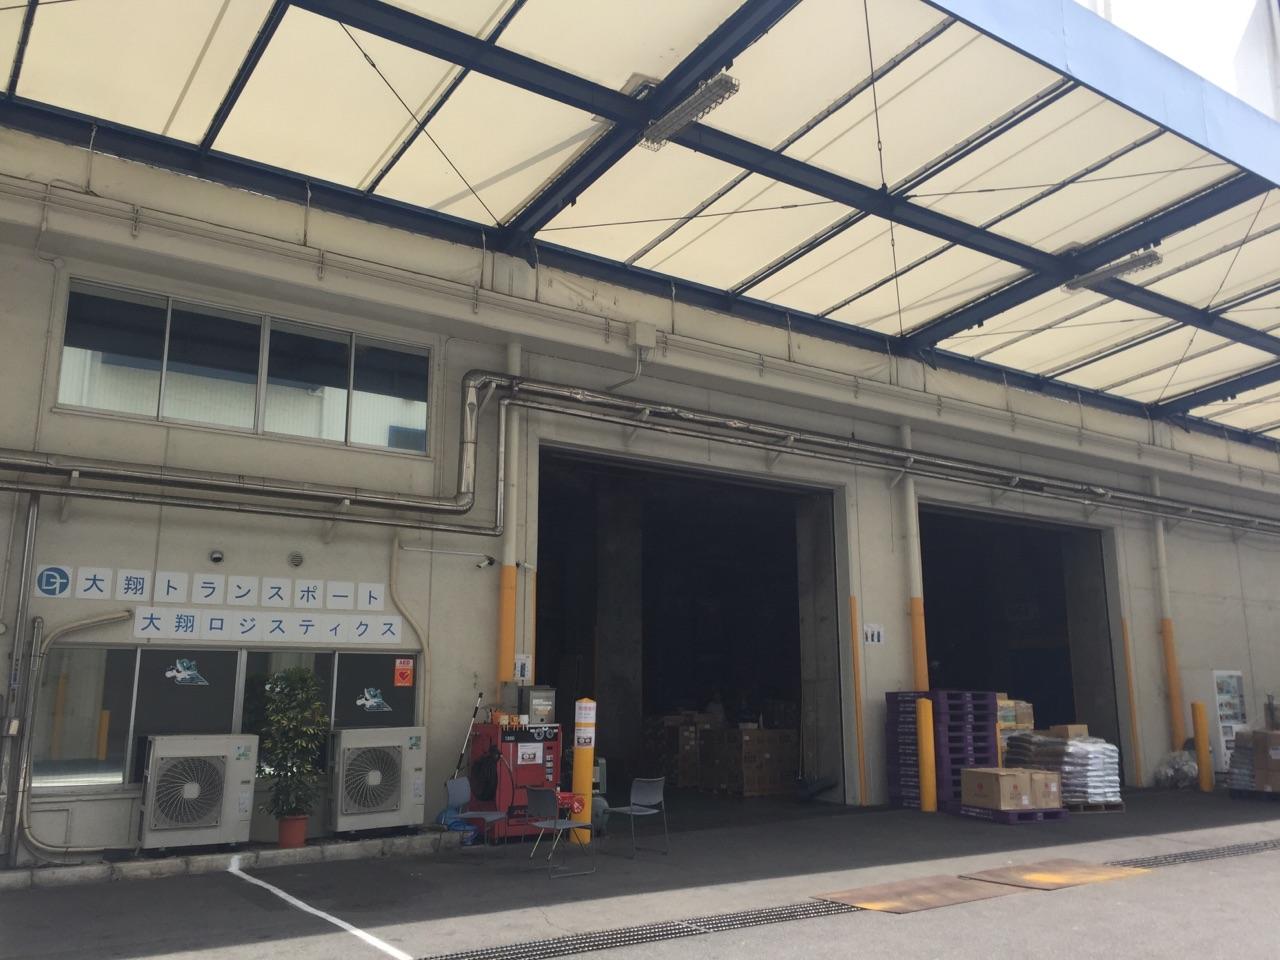 大阪物流センター倉庫